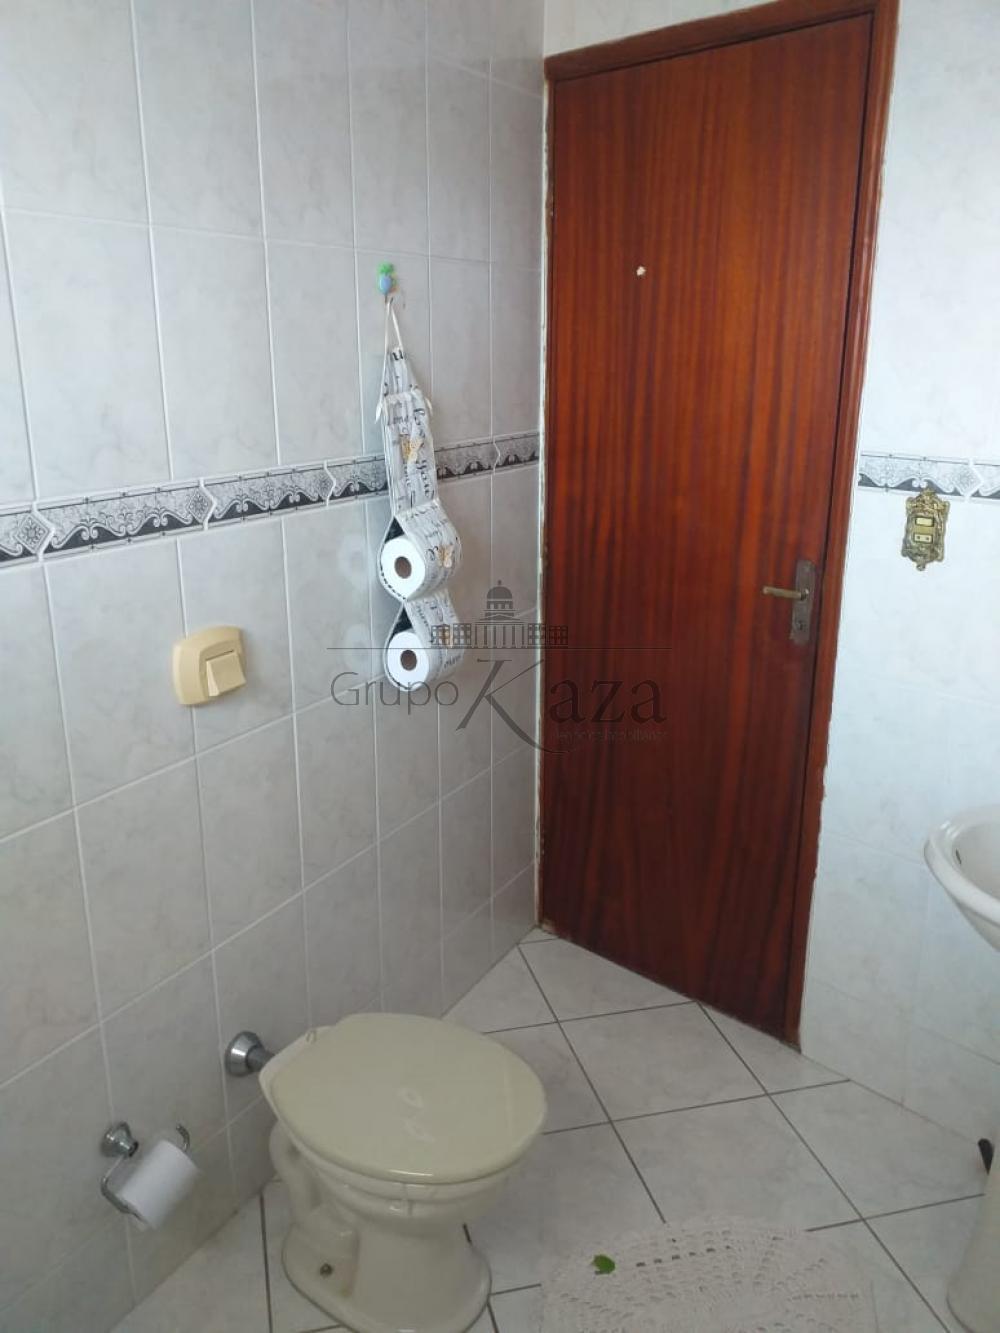 alt='Comprar Casa / Sobrado em São José dos Campos R$ 400.000,00 - Foto 12' title='Comprar Casa / Sobrado em São José dos Campos R$ 400.000,00 - Foto 12'